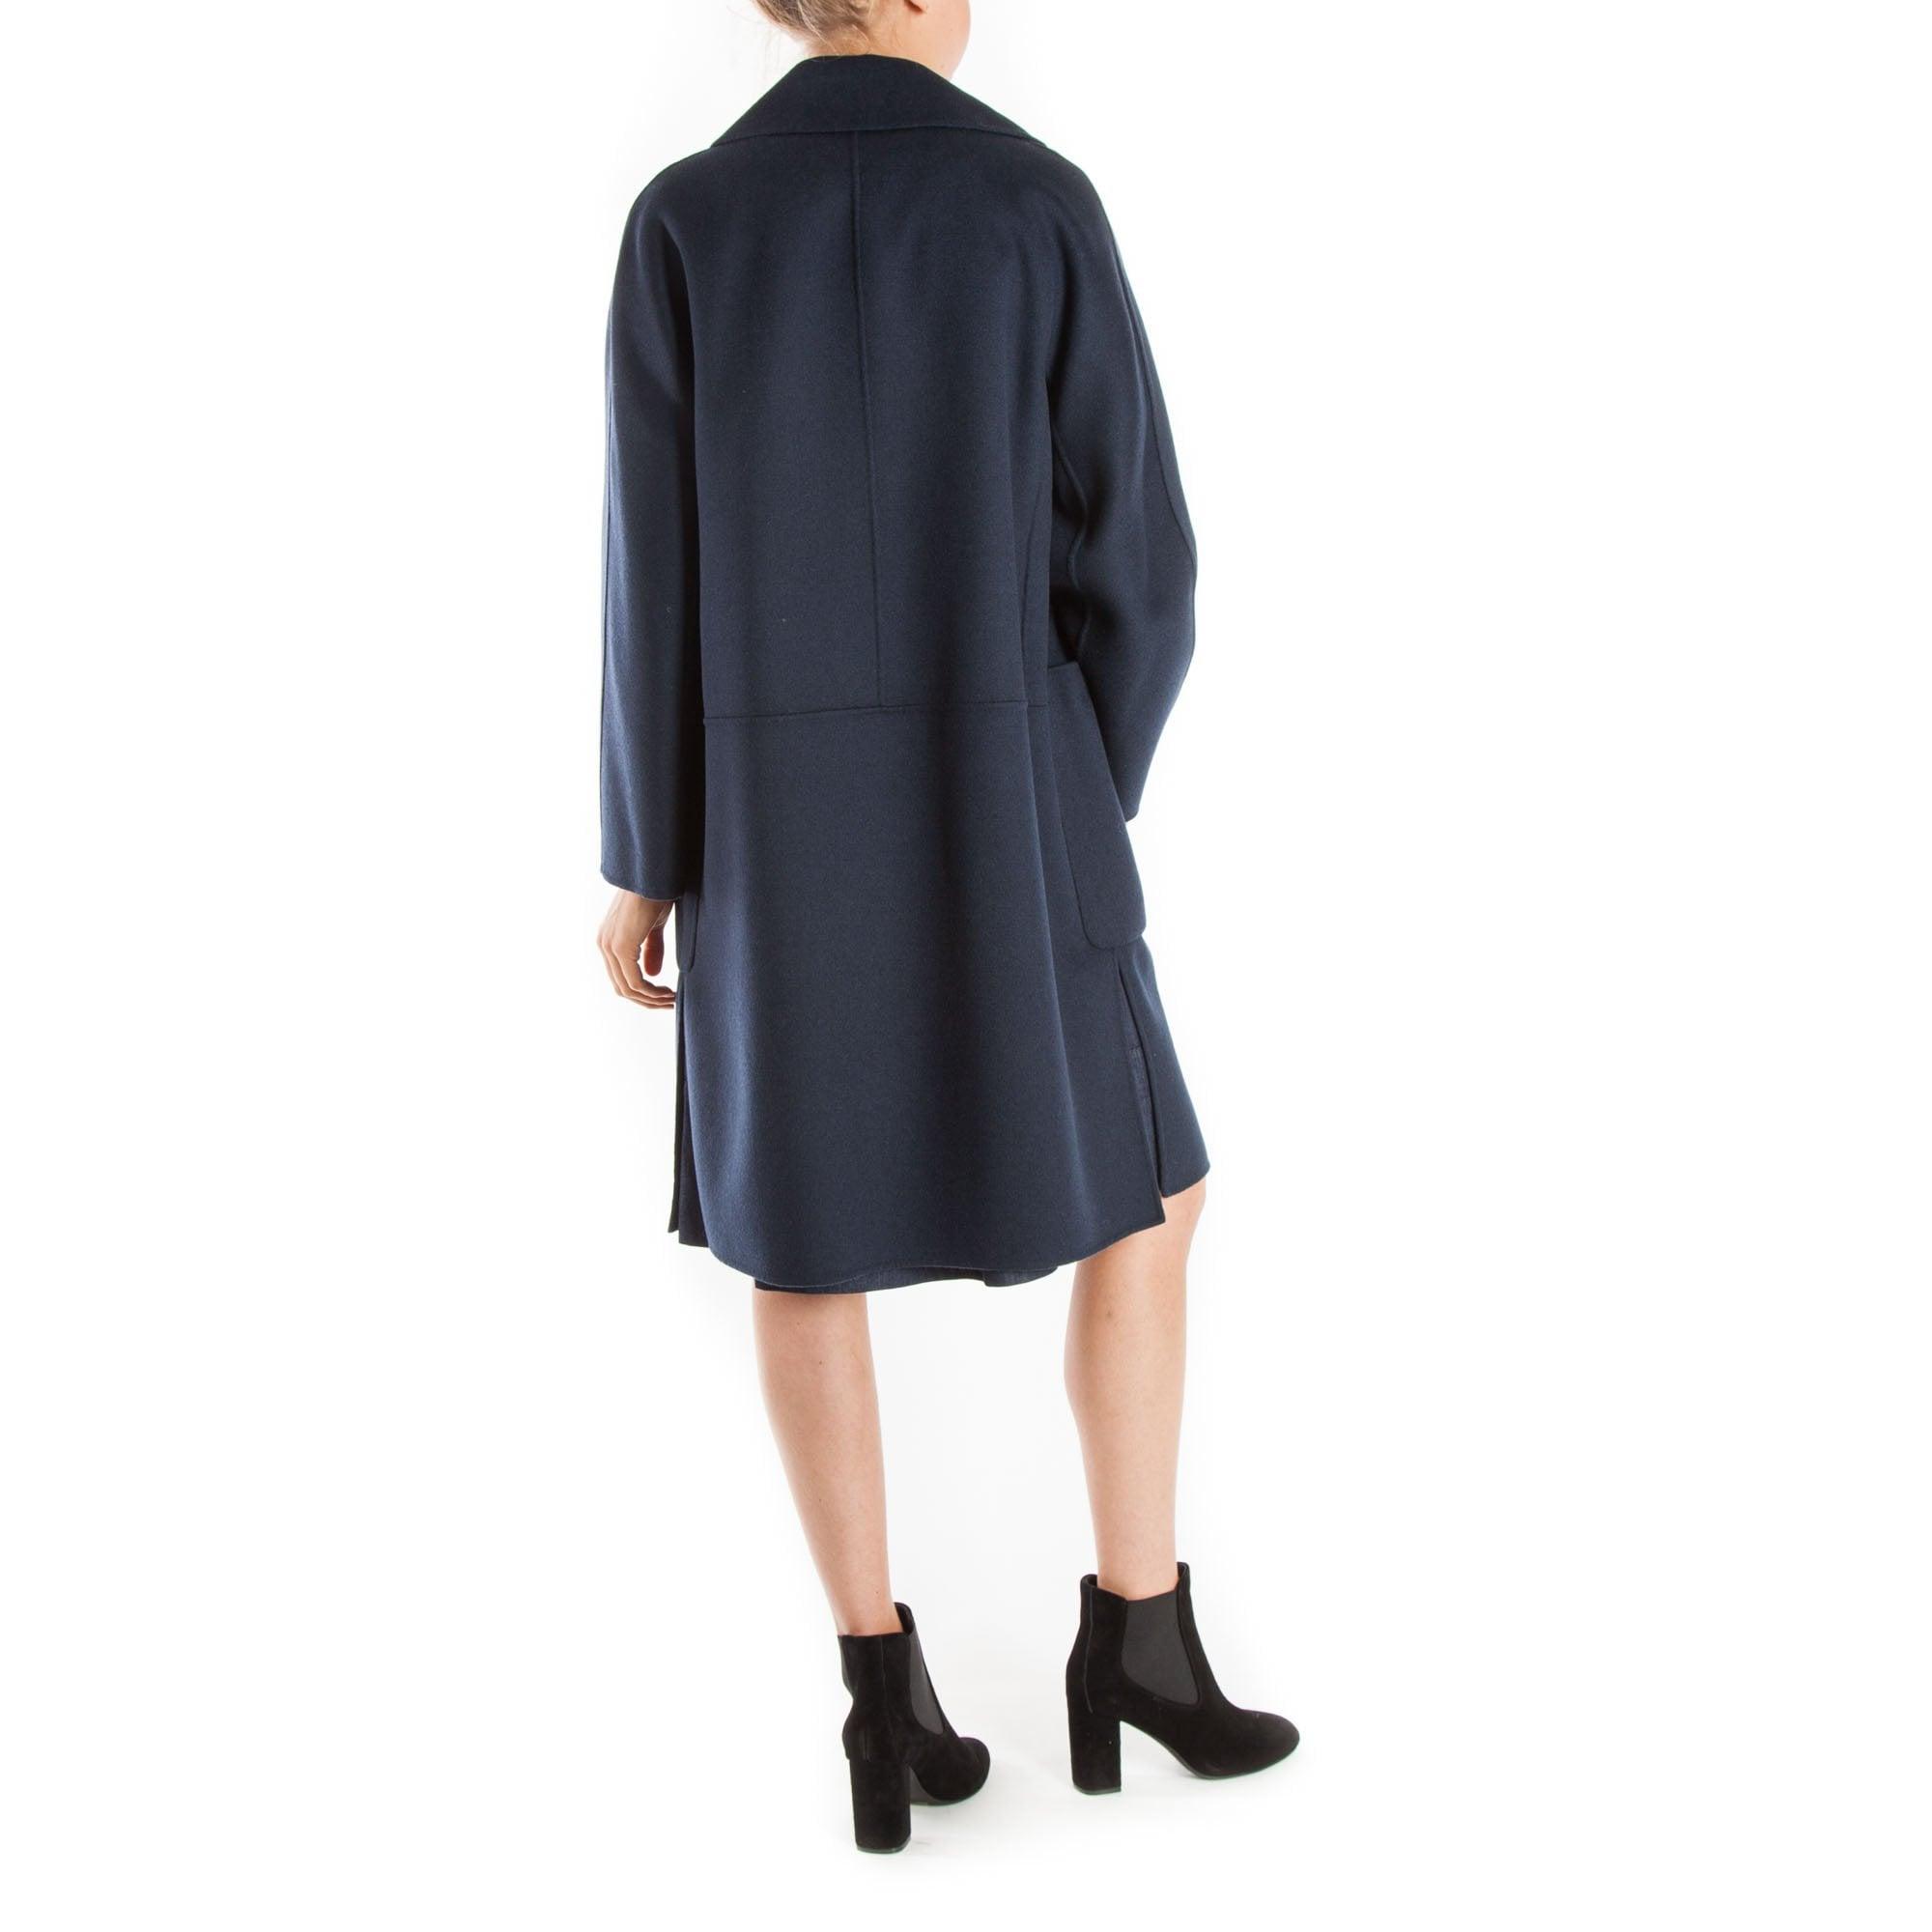 bästa värde officiell webbplats nyaste kollektion Aronaci Wool Peacoat in Midnight Blue | Collen & Clare